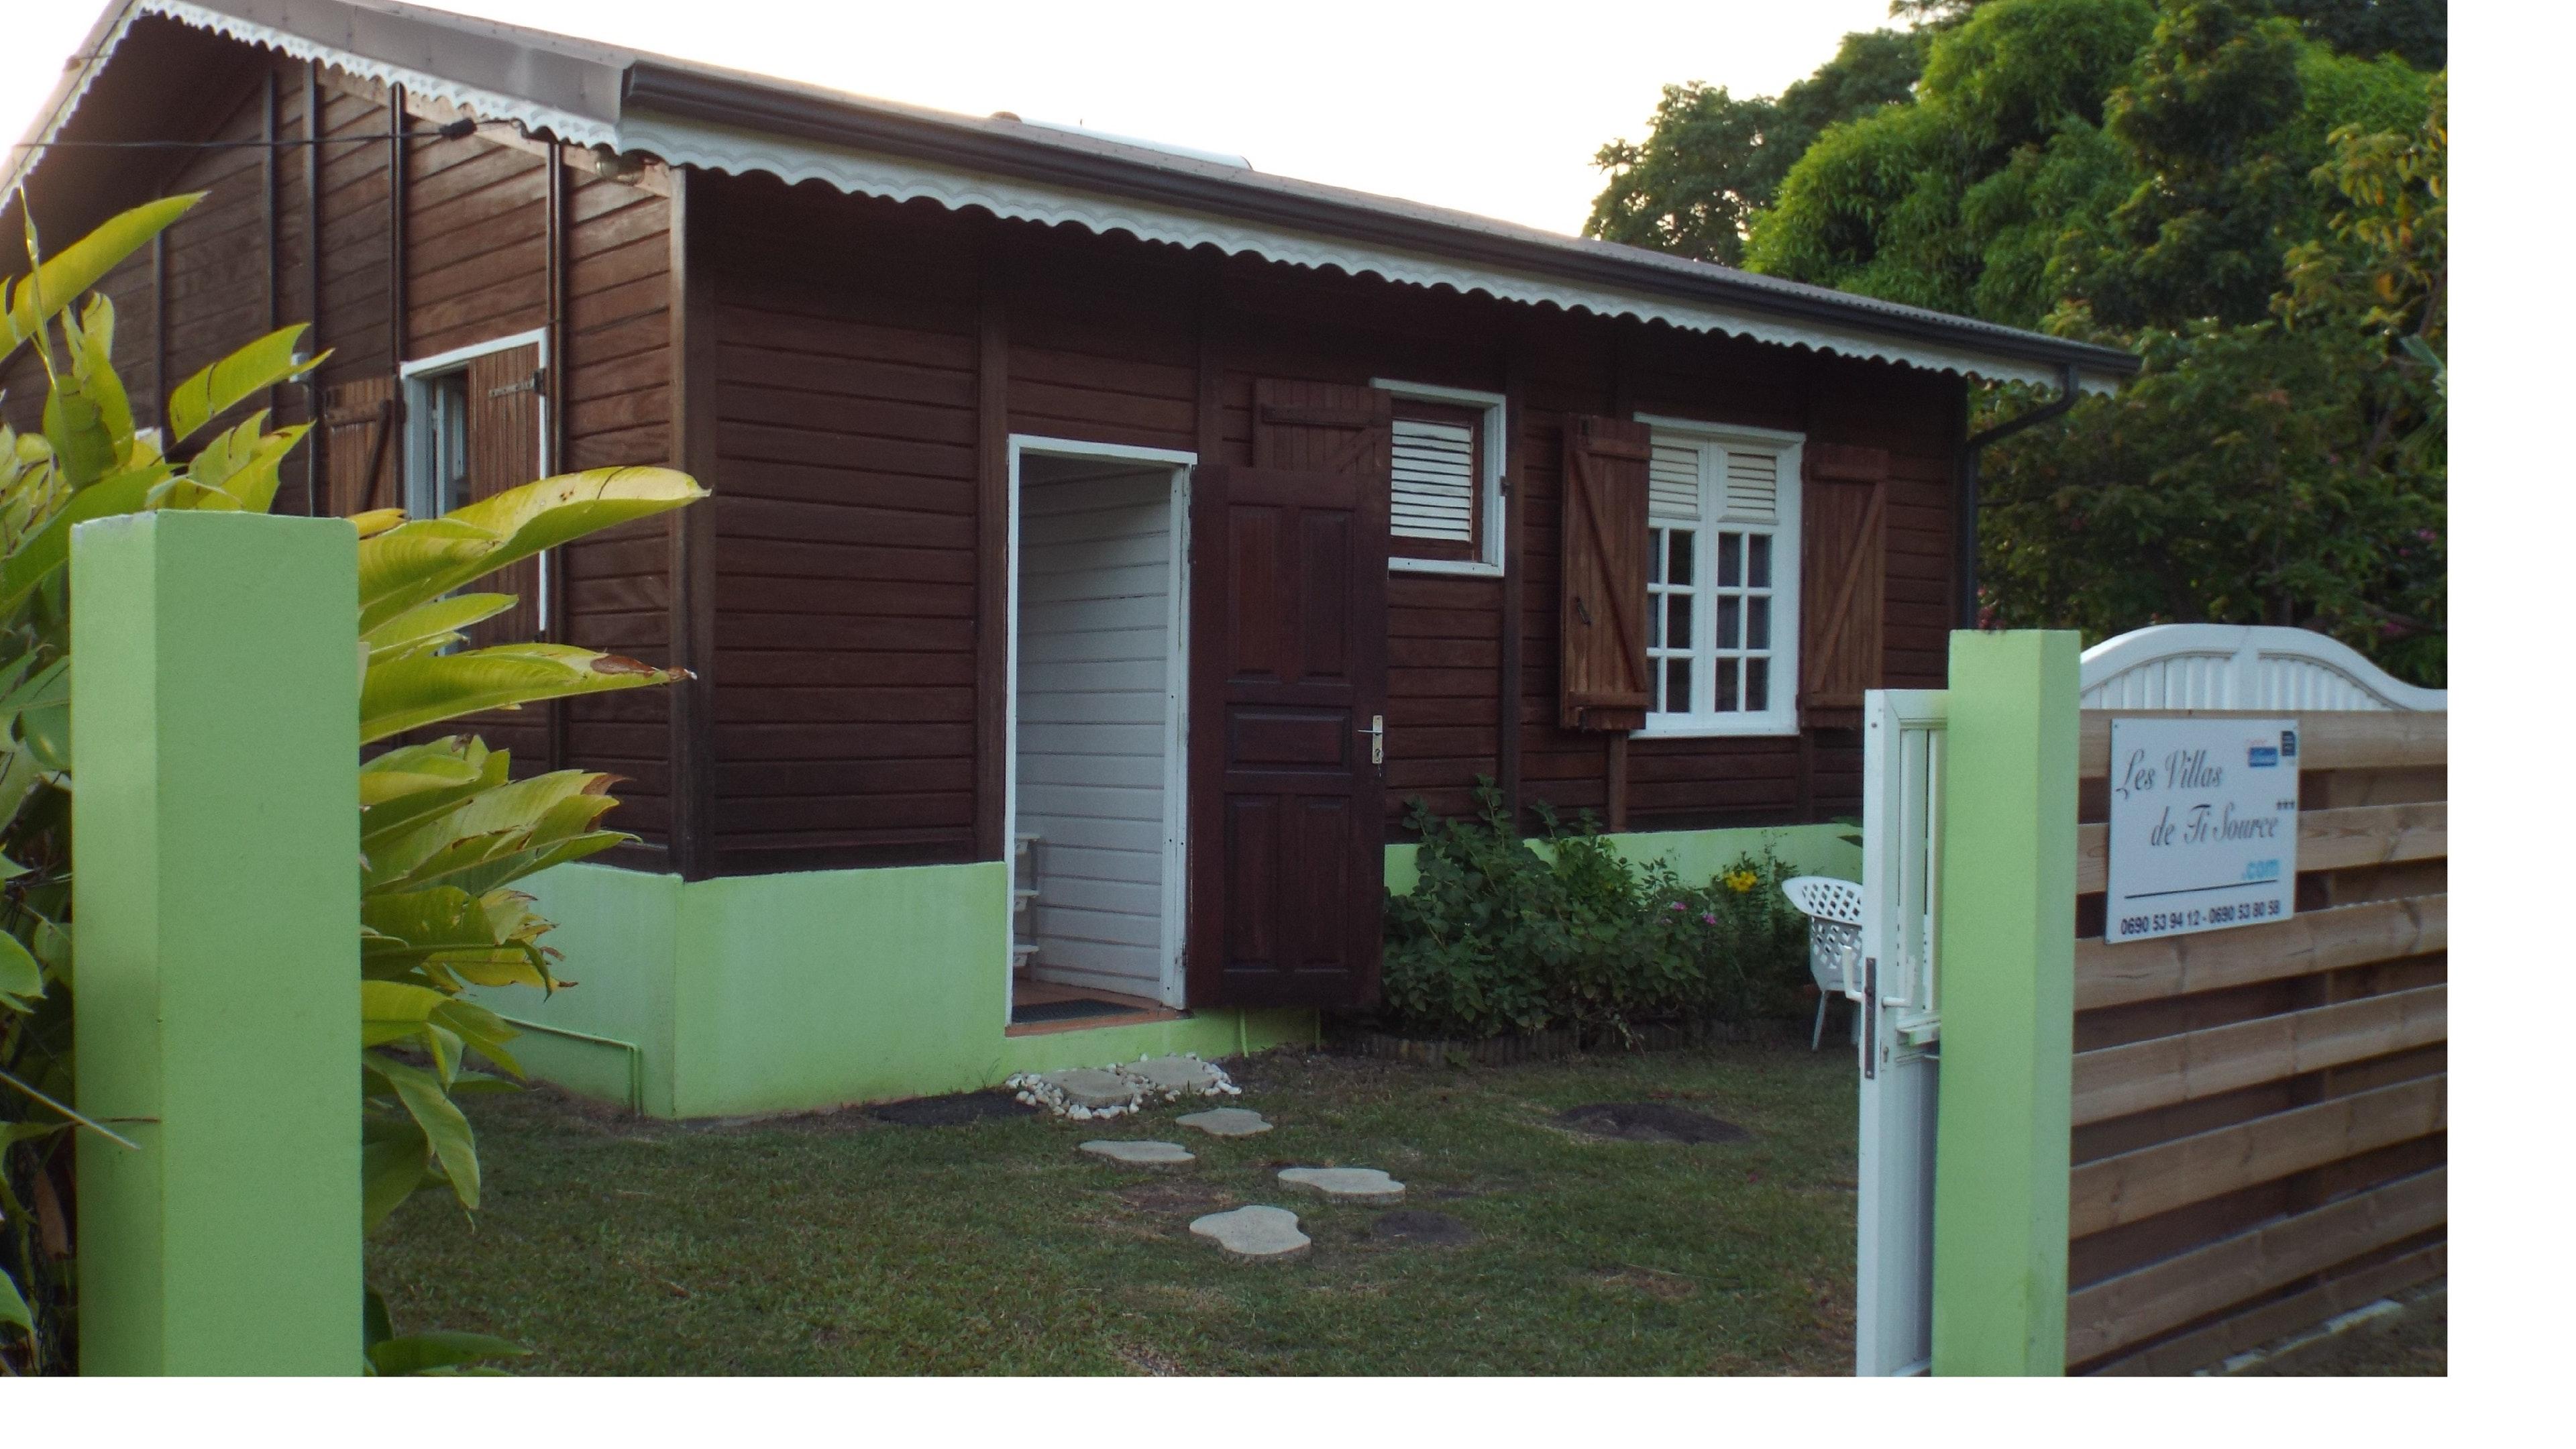 Villa mit 2 Schlafzimmern in Pointe noire mit herr Villa in Guadeloupe